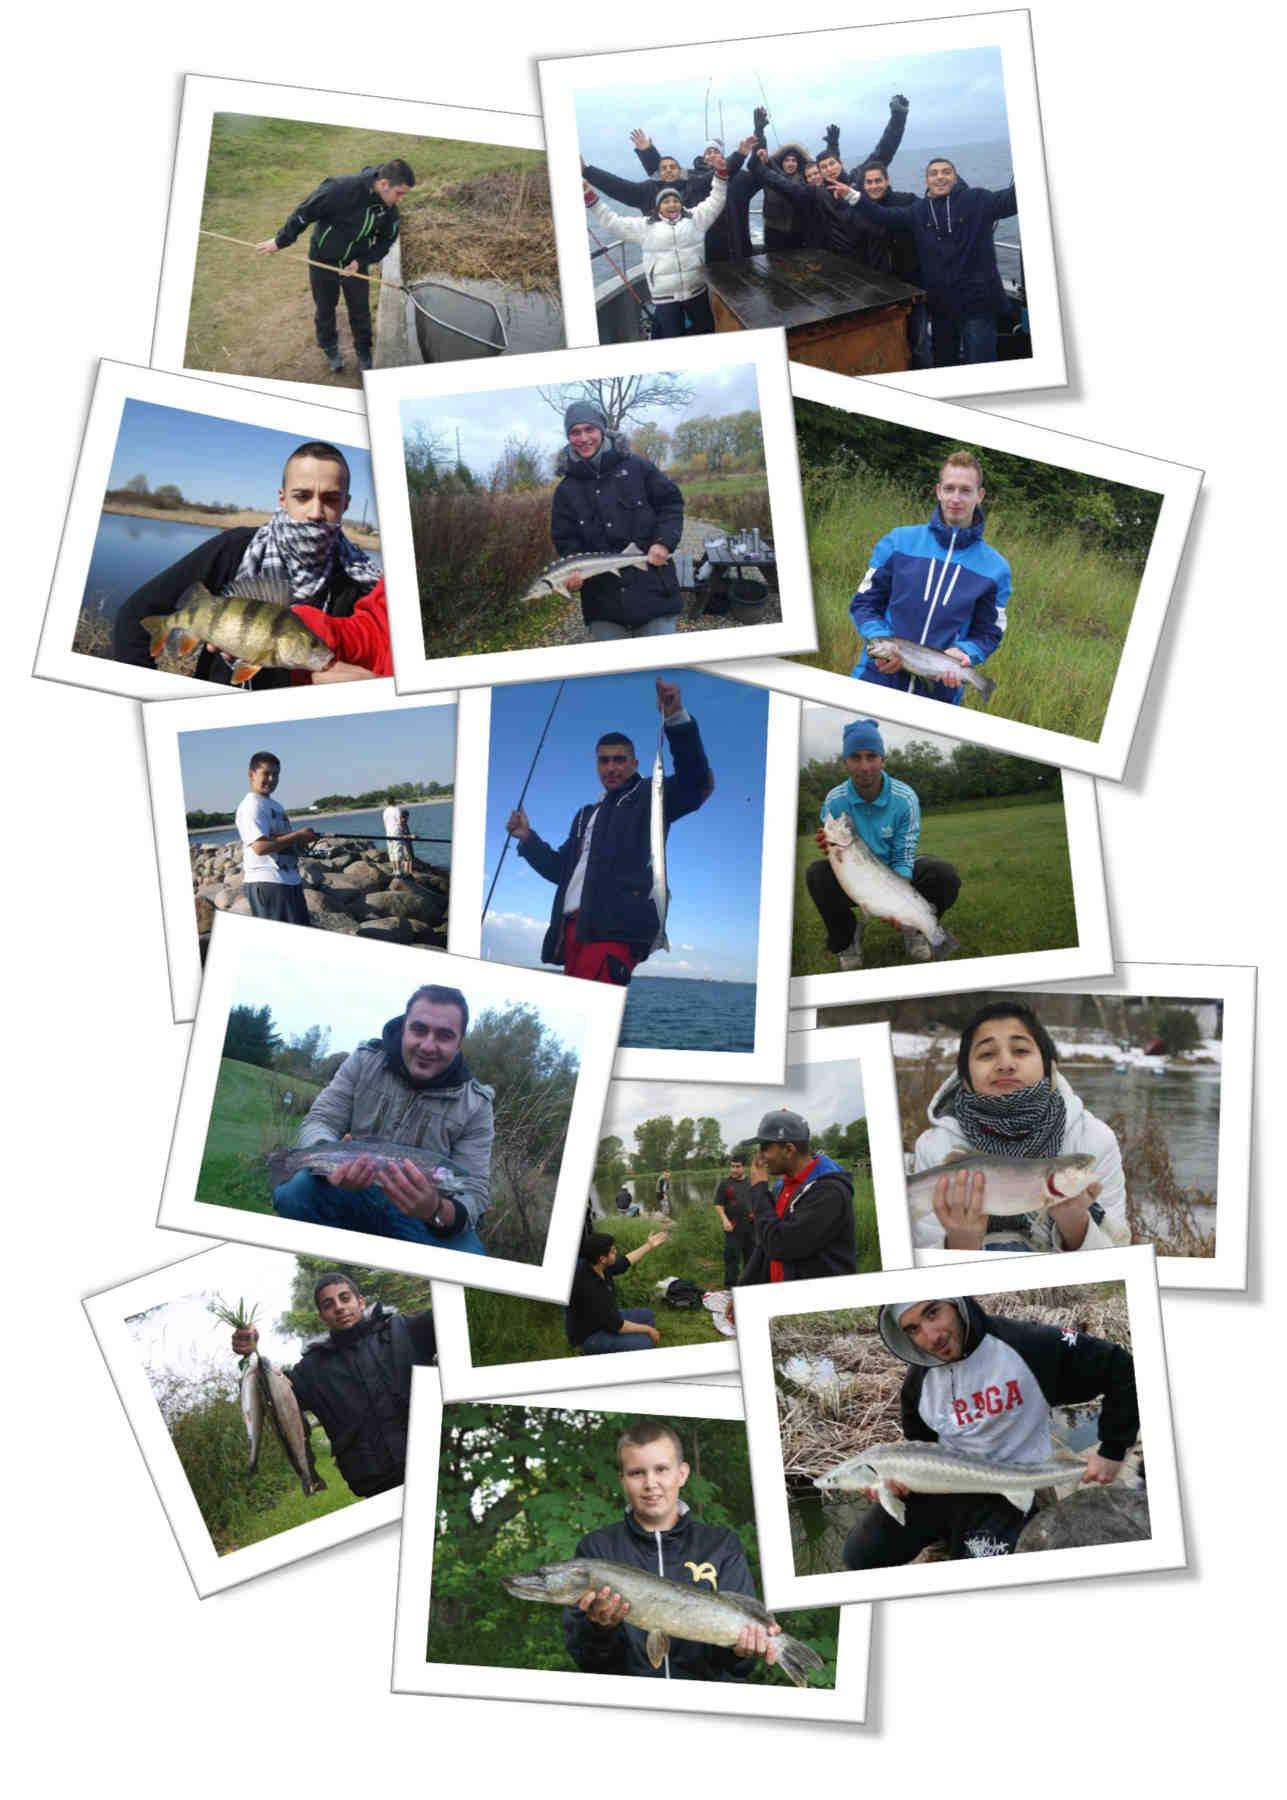 En collage af medlemmerne af A-Catch fra deres mange fisketure.